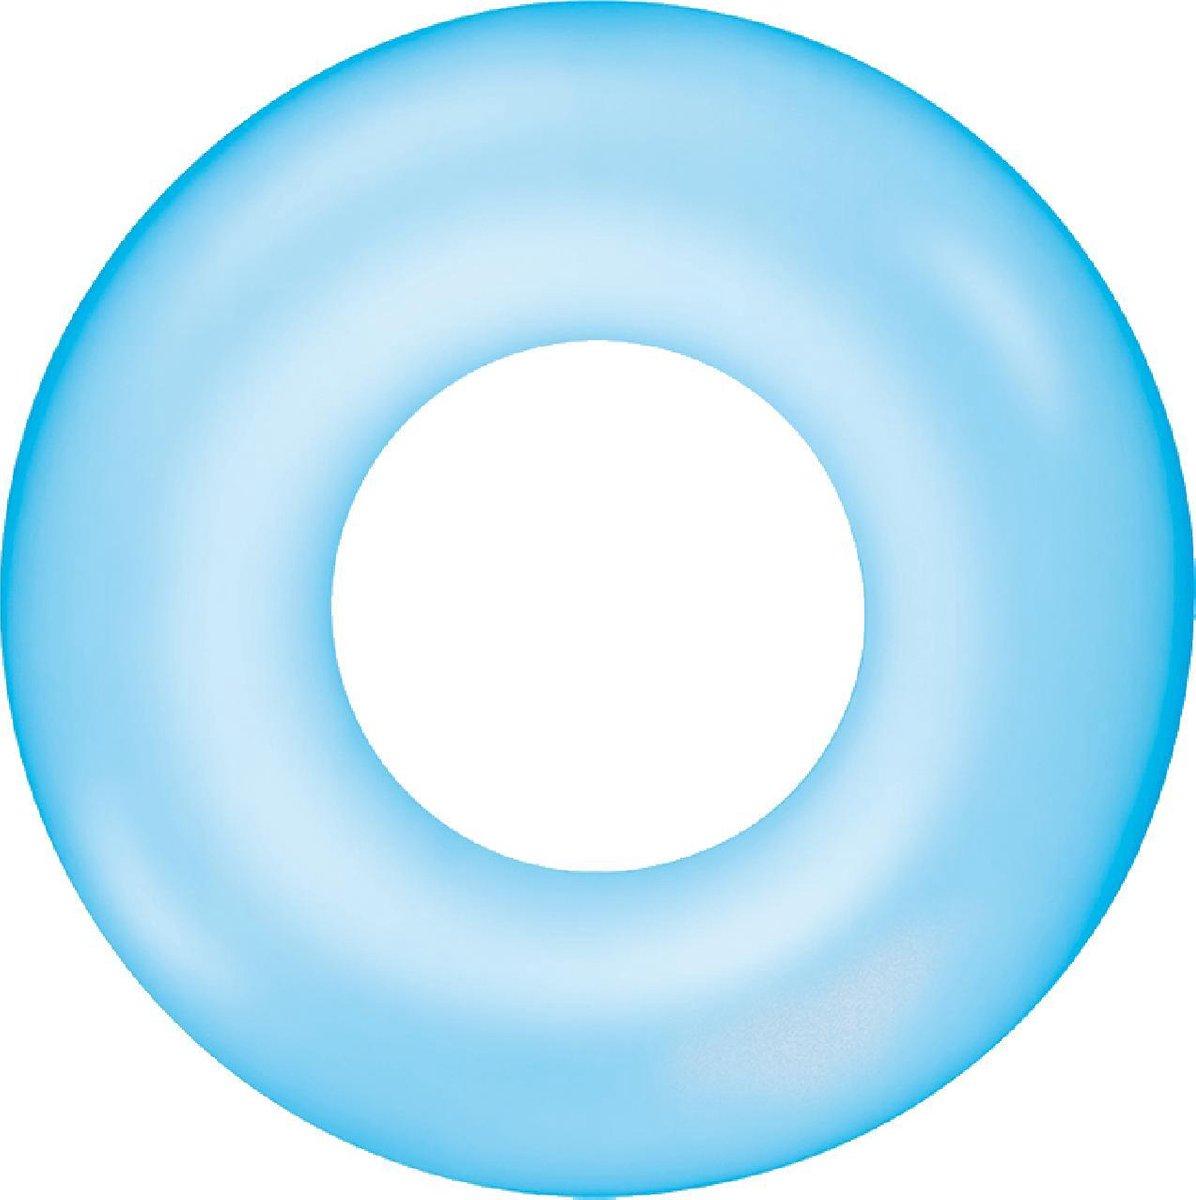 Zwemband Transparant basic 76cm - blauw